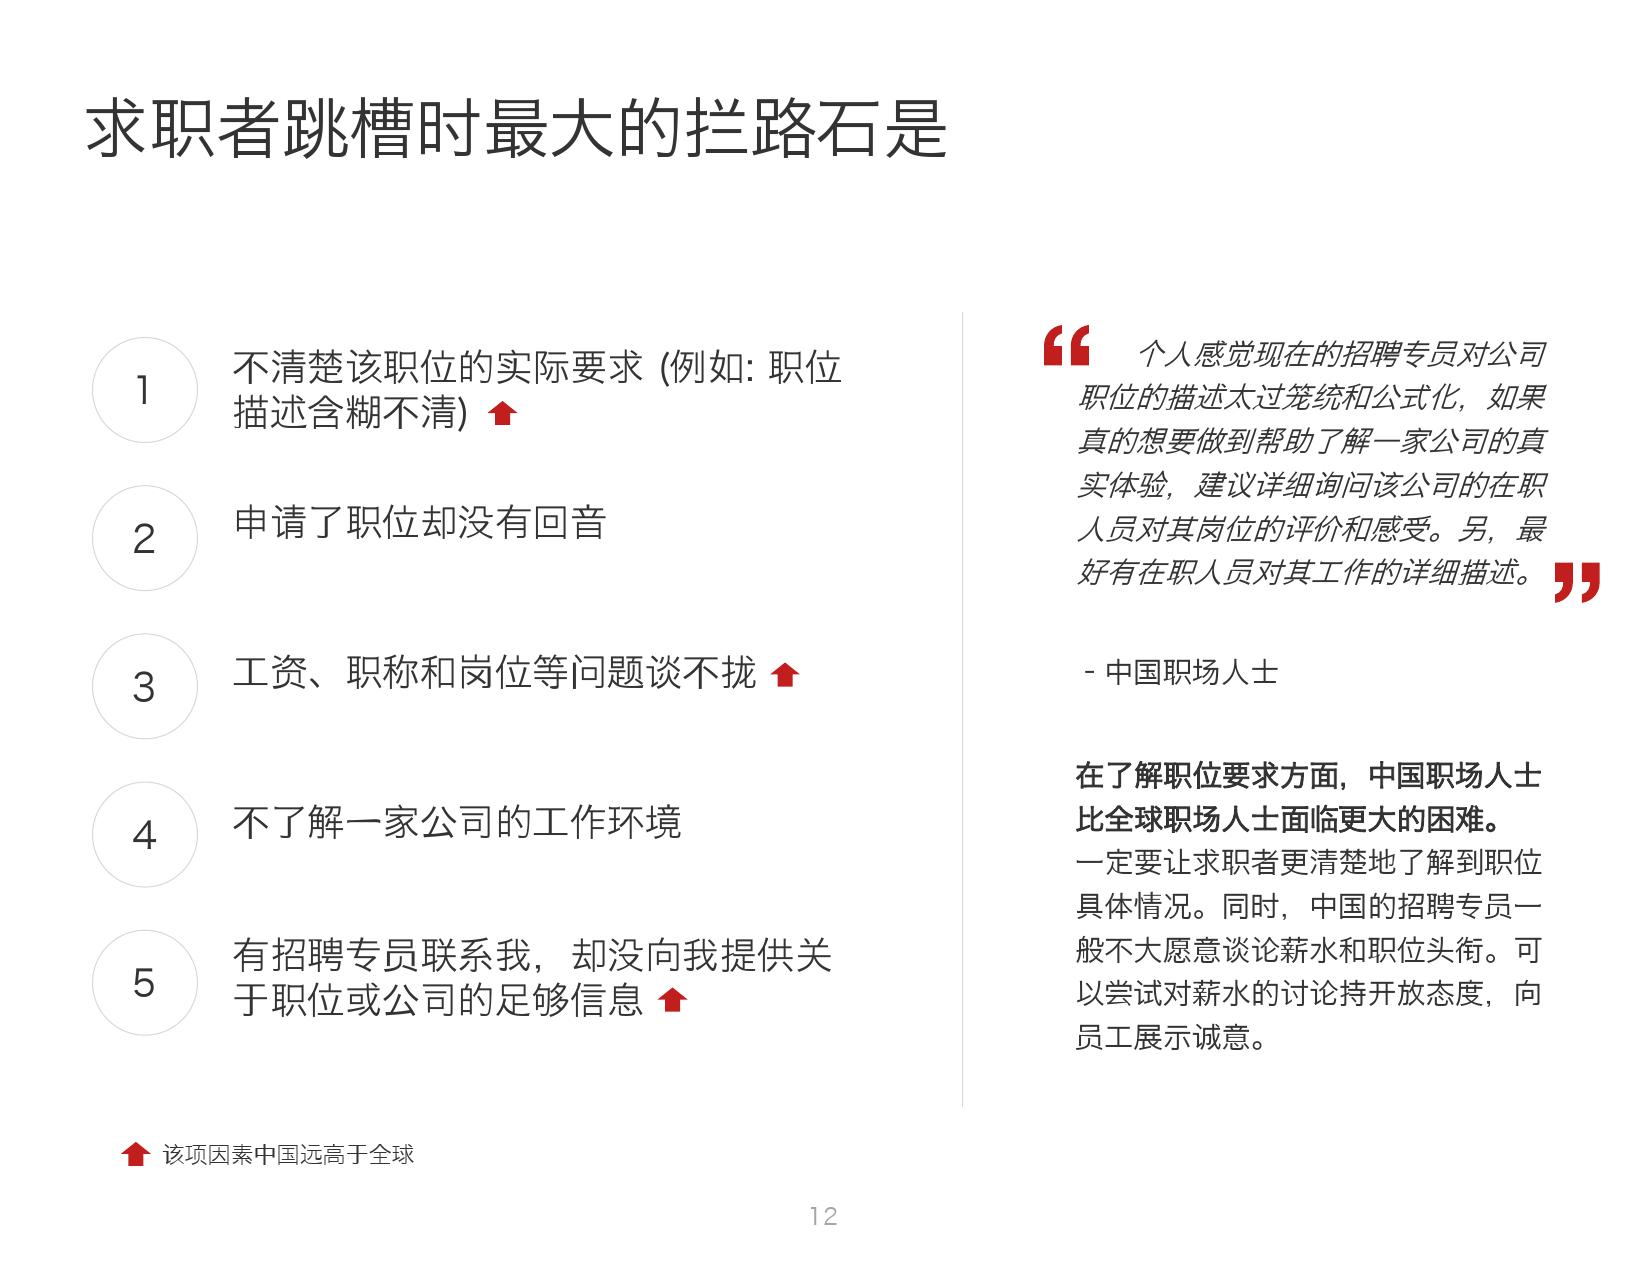 2016年中国人才趋势报告_000012